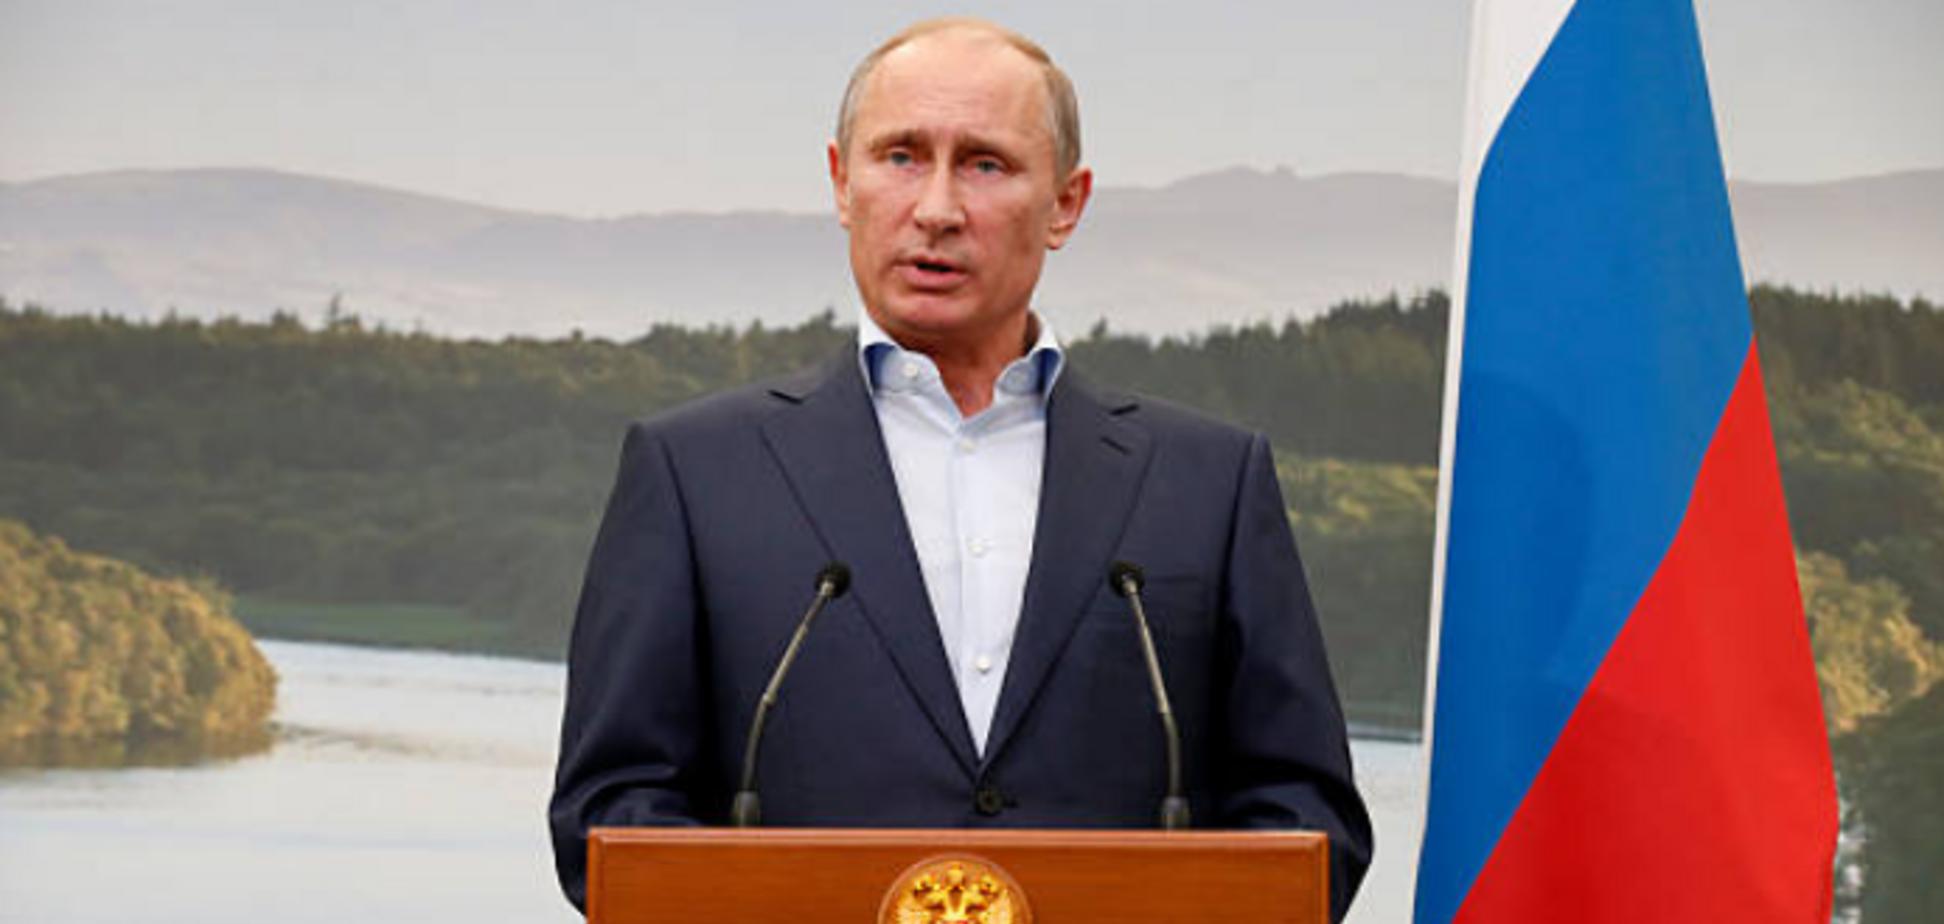 Оговорился: Путина поймали на лжи о всплывшем крымском оружии. Опубликованы фото